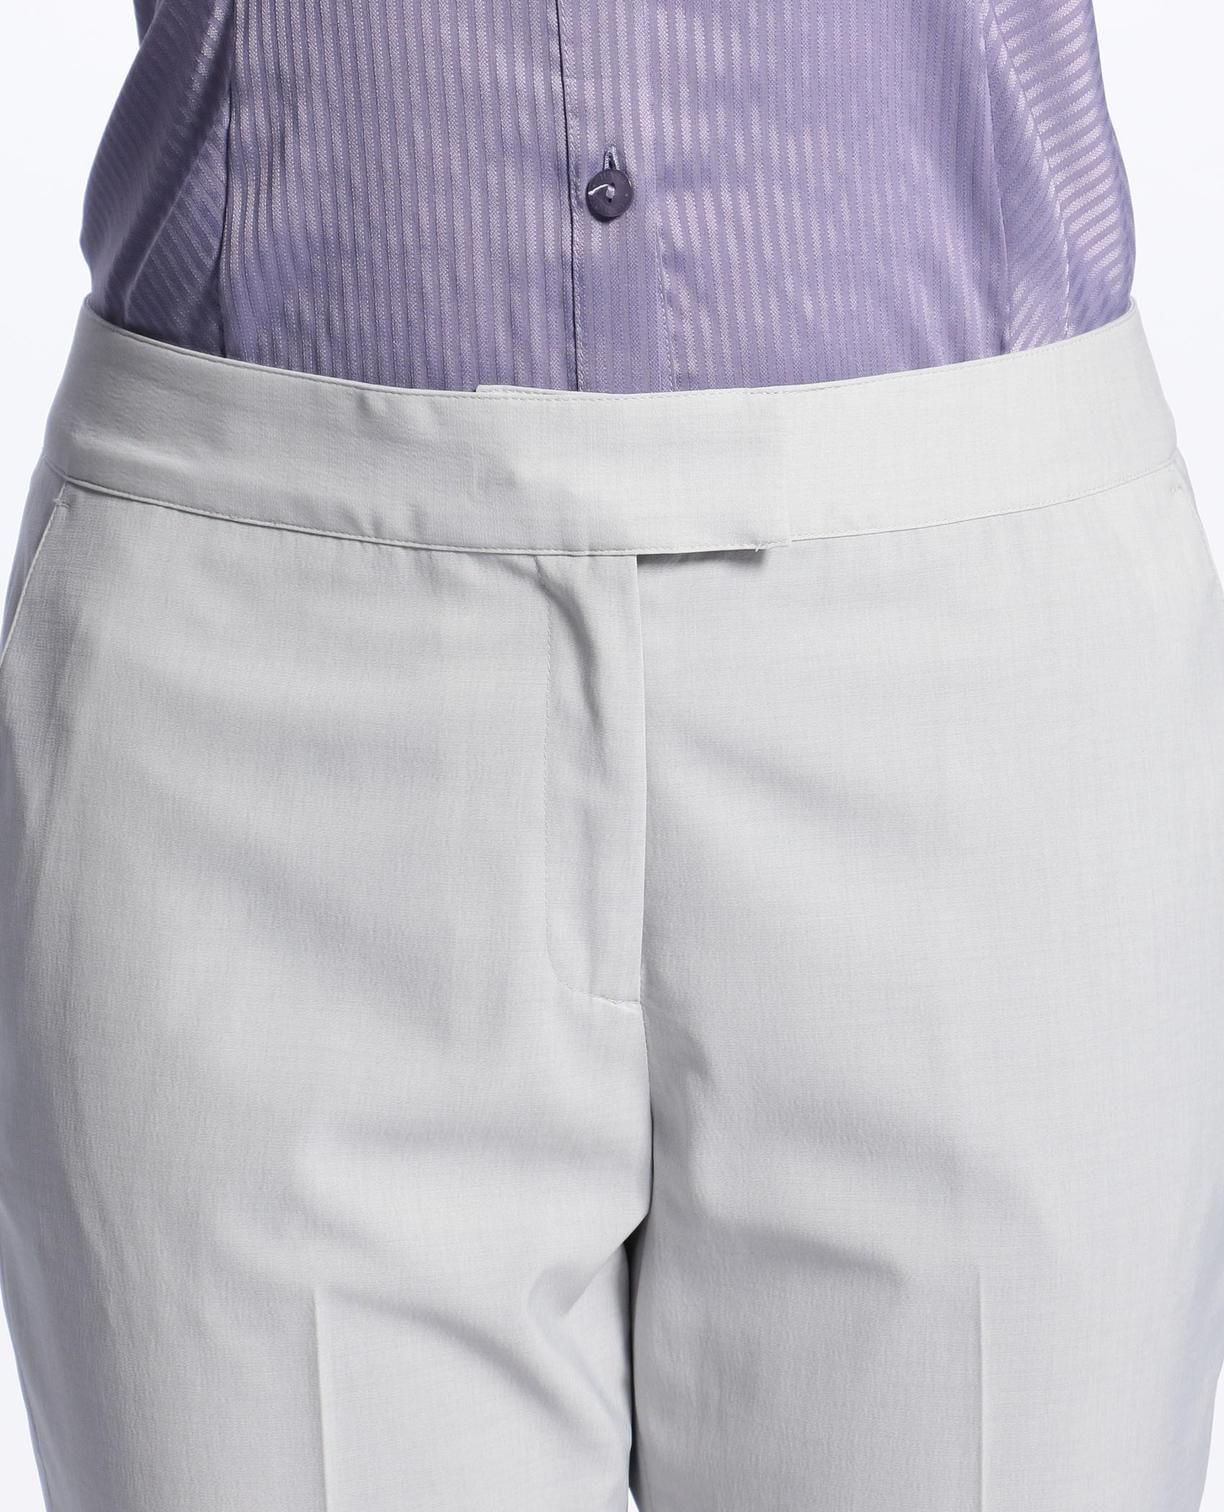 《セットアップスーツ対応》キュプラポリエステル9分丈パンツ